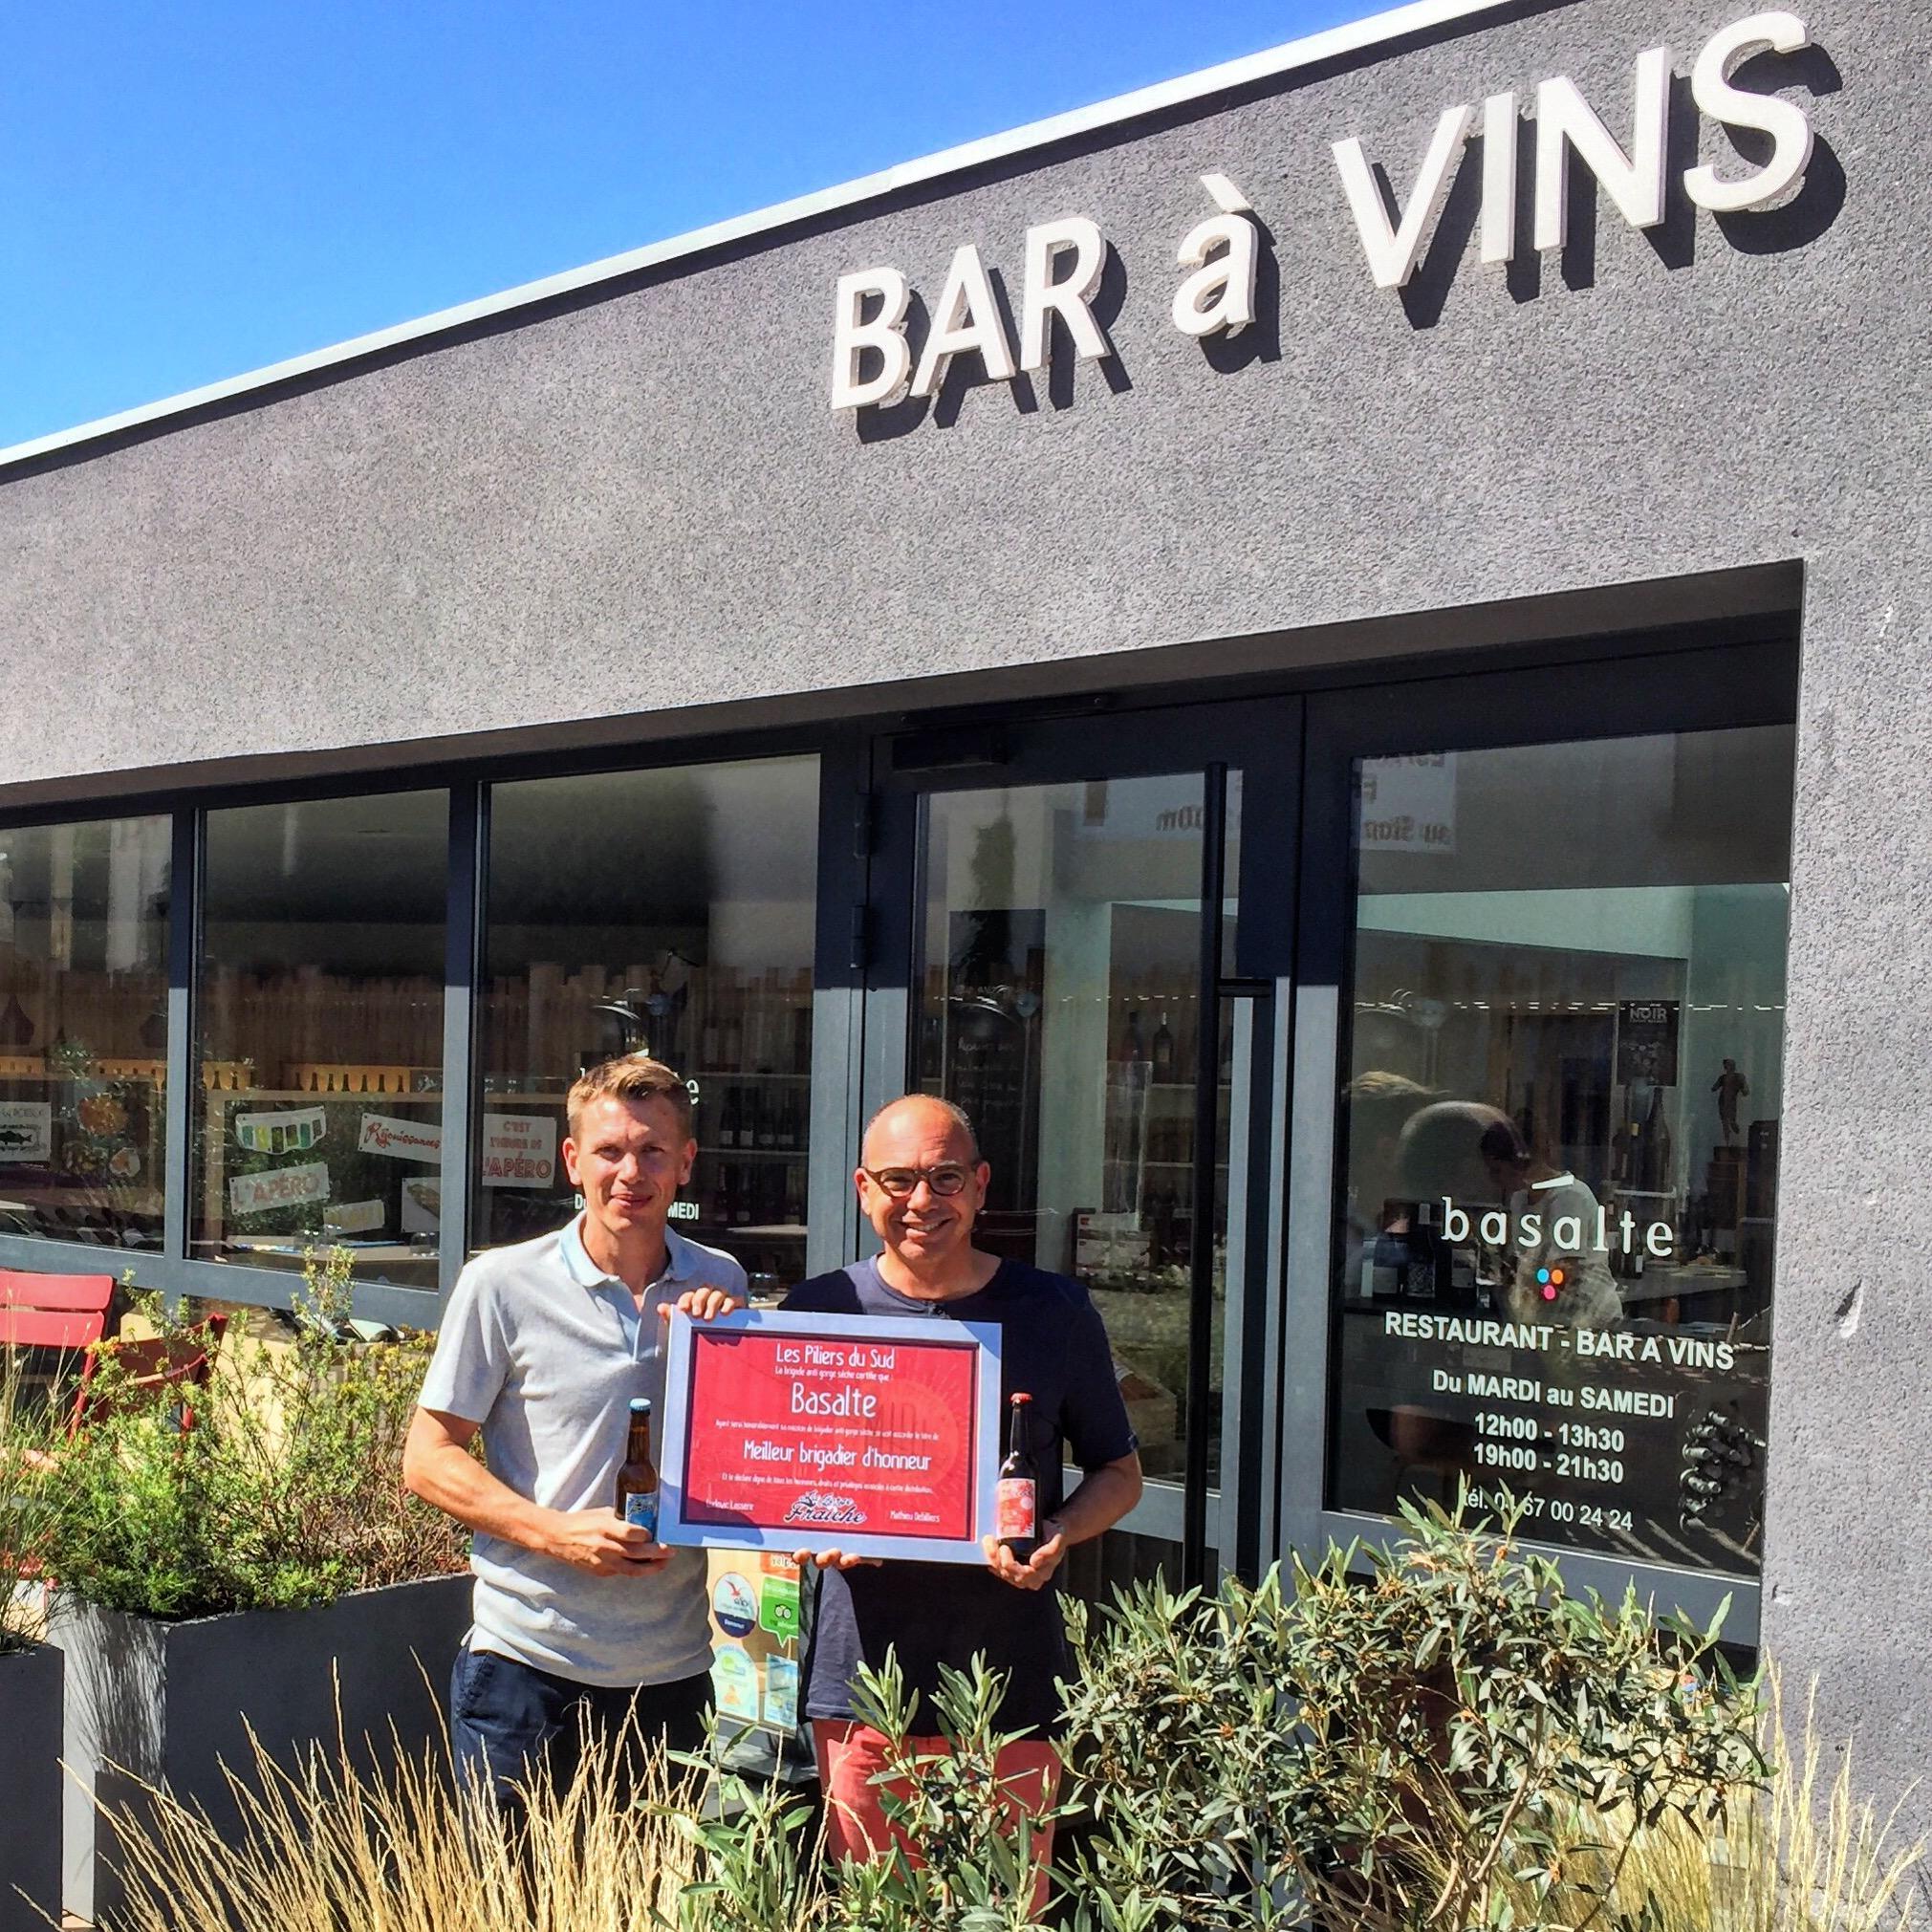 Retrouvez notre bière artisanale à Agde chez le bar à vins caviste Basalte